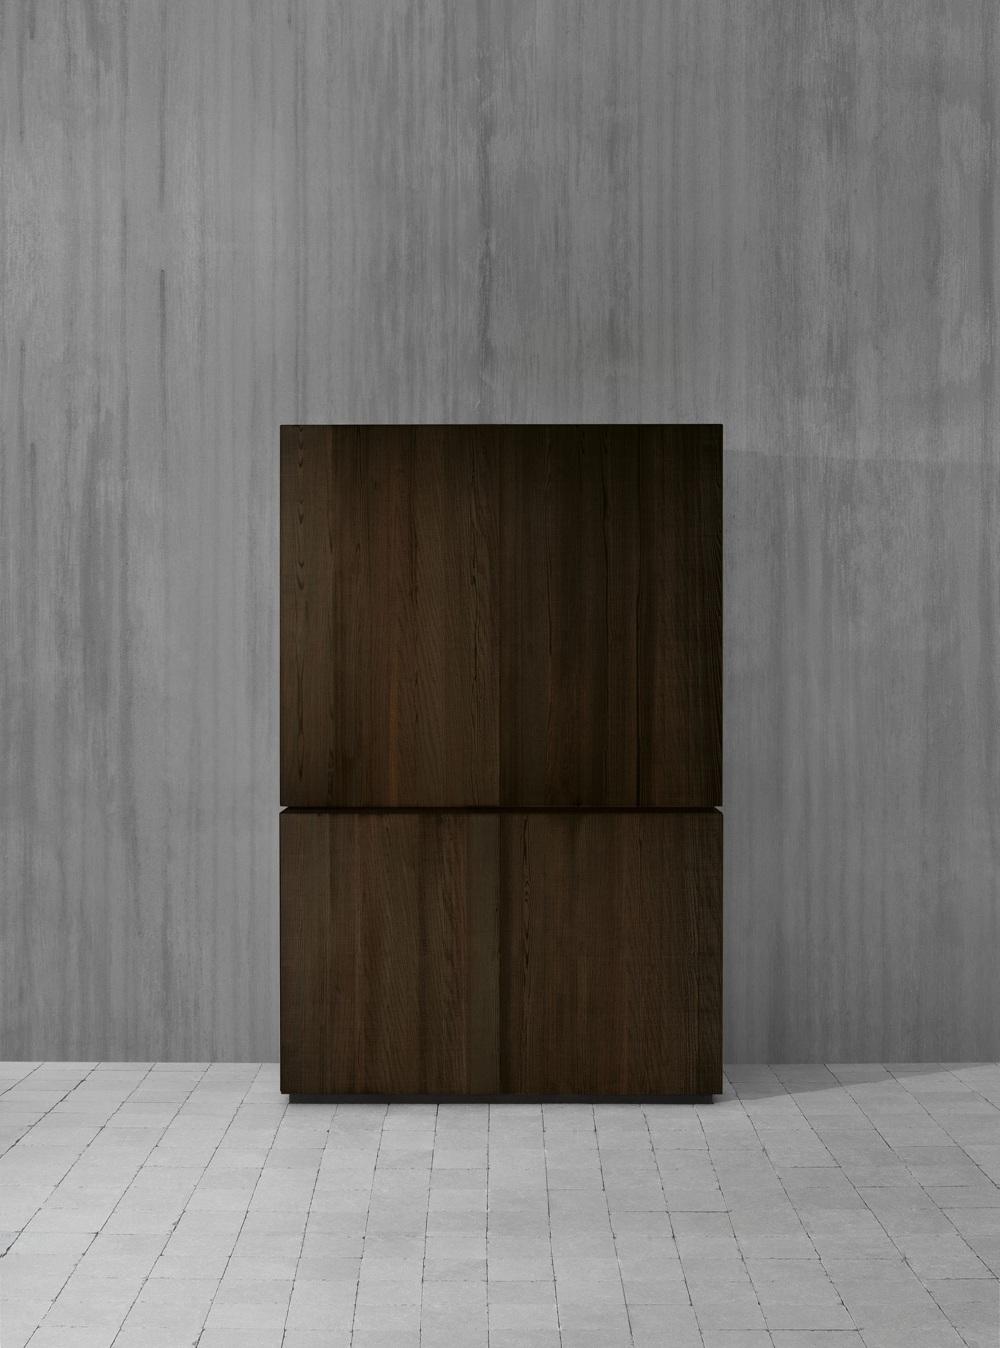 Индустриальный стиль в интерьере кухни: деревянный шкаф